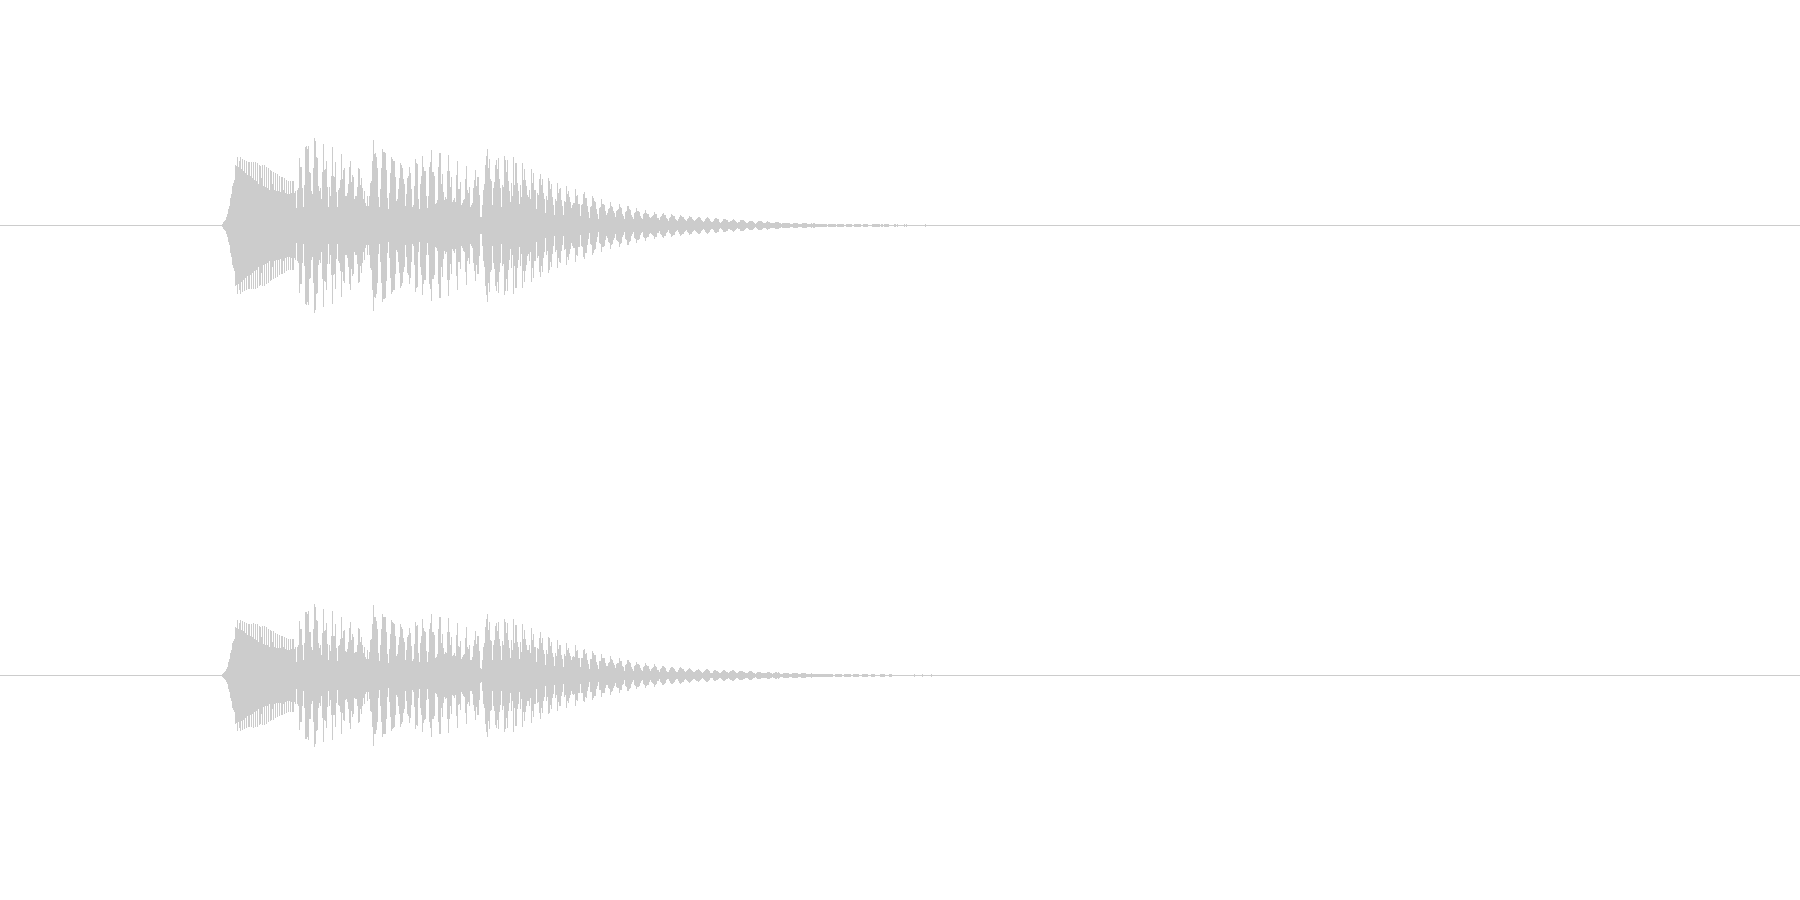 ポロロロン(軽やかな打楽器音)の未再生の波形